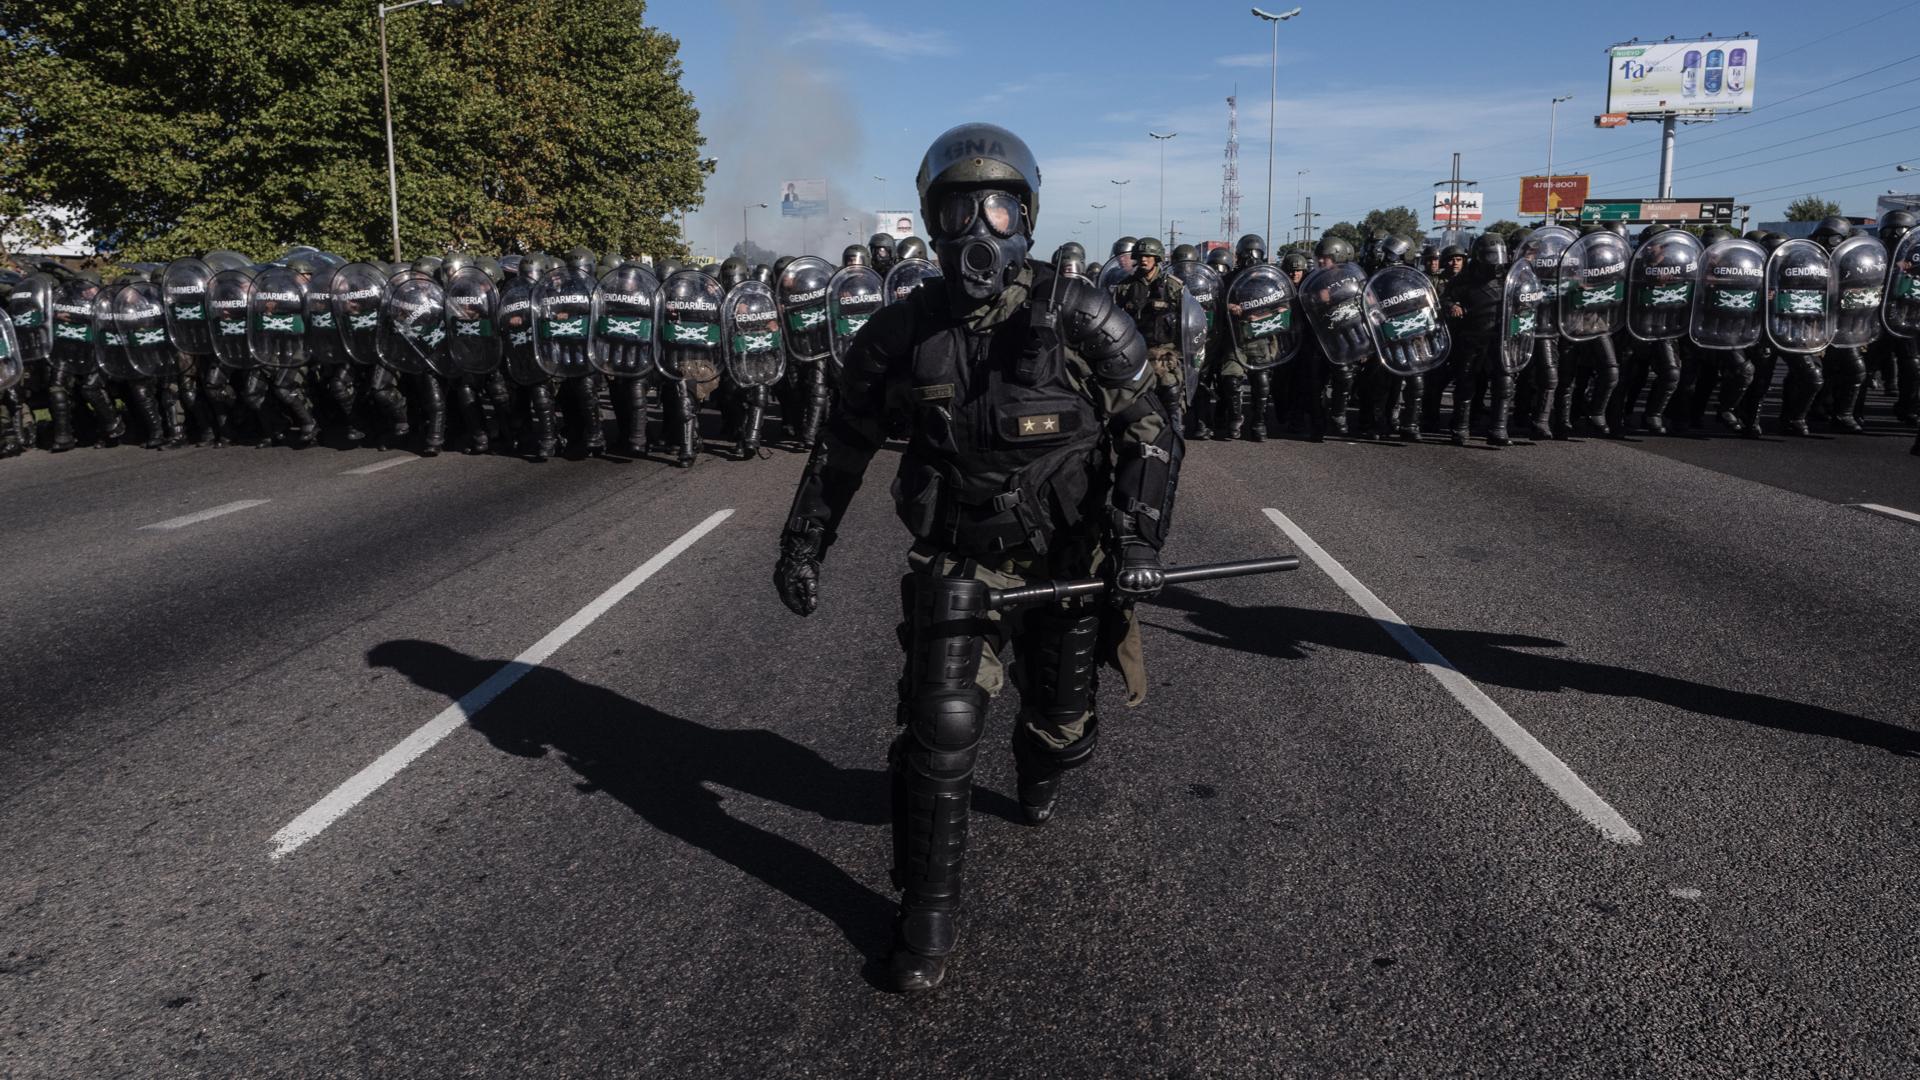 """Daniel Hadad puso como ejemplo de """"buen contenido"""" la fotografía tomada por elreportero gráficodeInfobae Adrián Escándar en abrilde 2017, minutos antes de que la Gendarmería nacional desalojara la autopista Panamericana durante un piquete de movimientos sociales y partidos de izquierdaen El Talar. Fue elegida como una de las fotos del año por laAsociación de Reporteros Gráficos de la República Argentina (ARGRA)"""